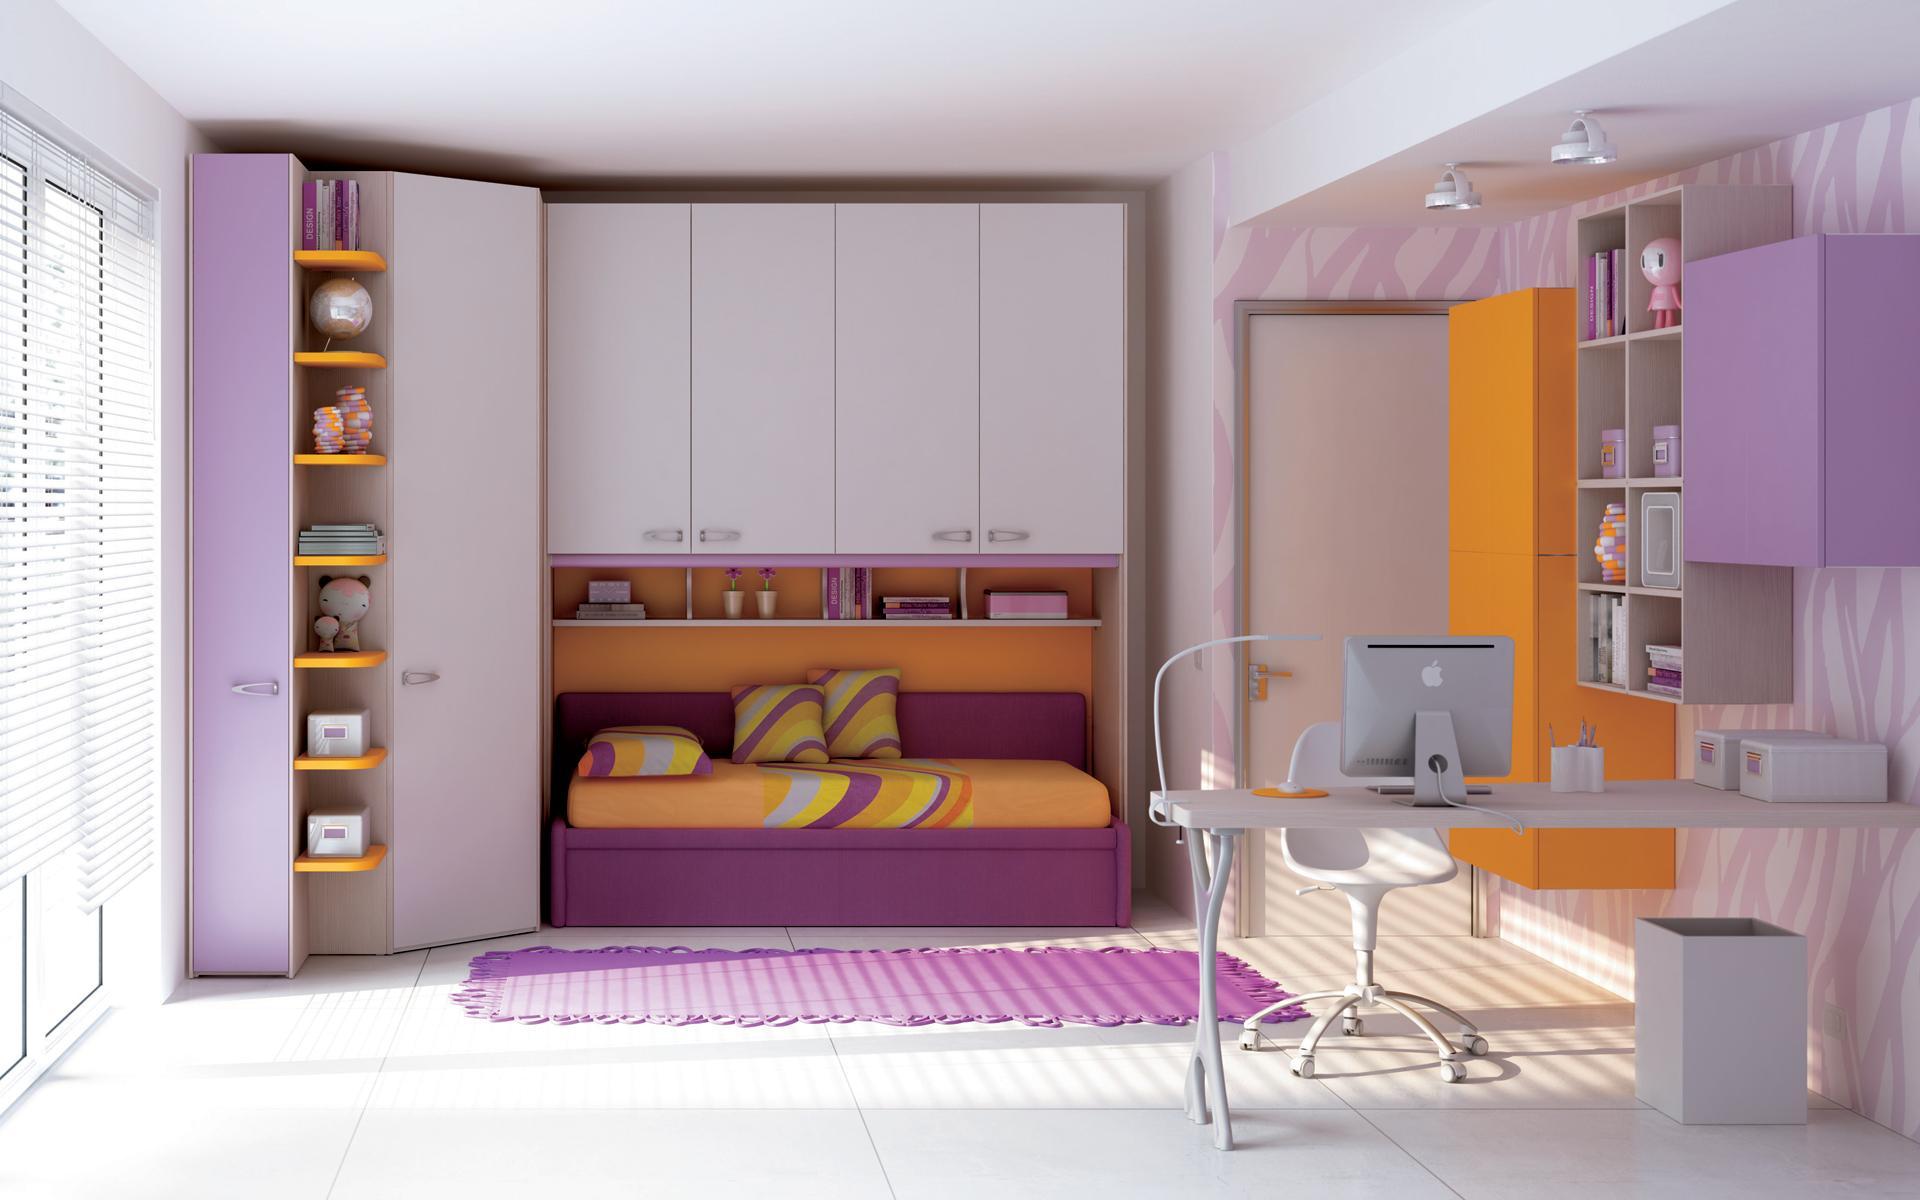 Arredamento casa mobili design bolzano arredobene - Immagini camerette ikea ...